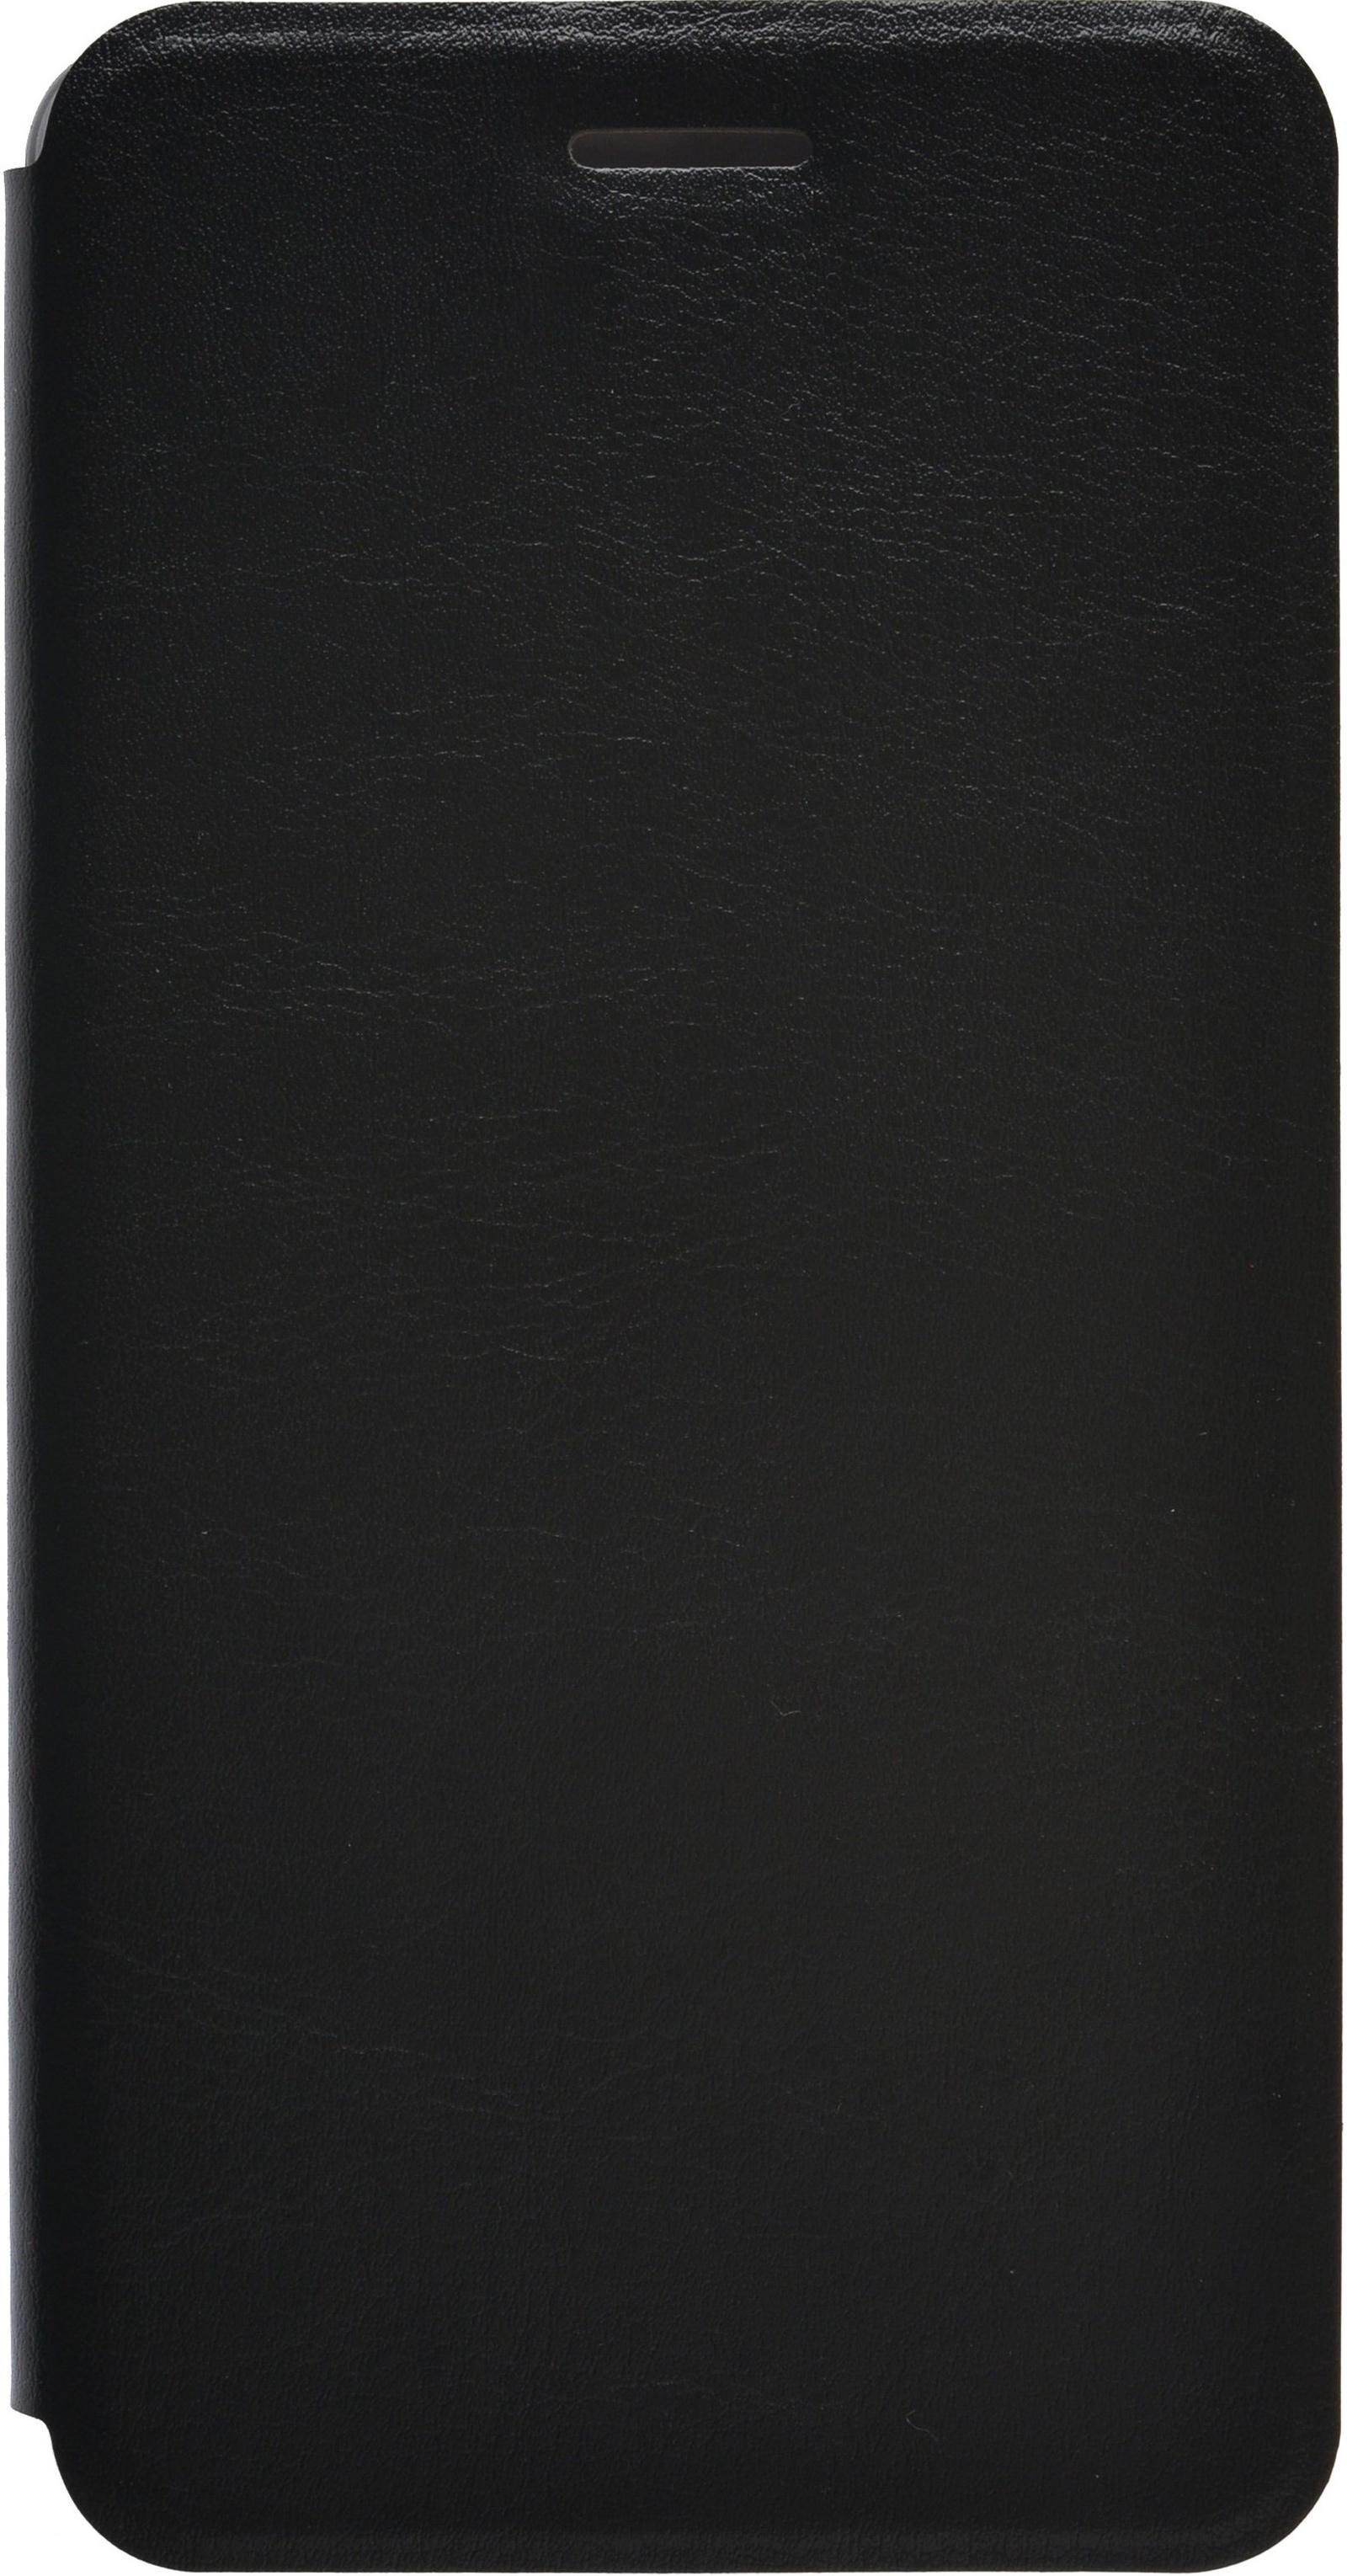 Чехол для сотового телефона skinBOX Lux, 4630042525429, черный